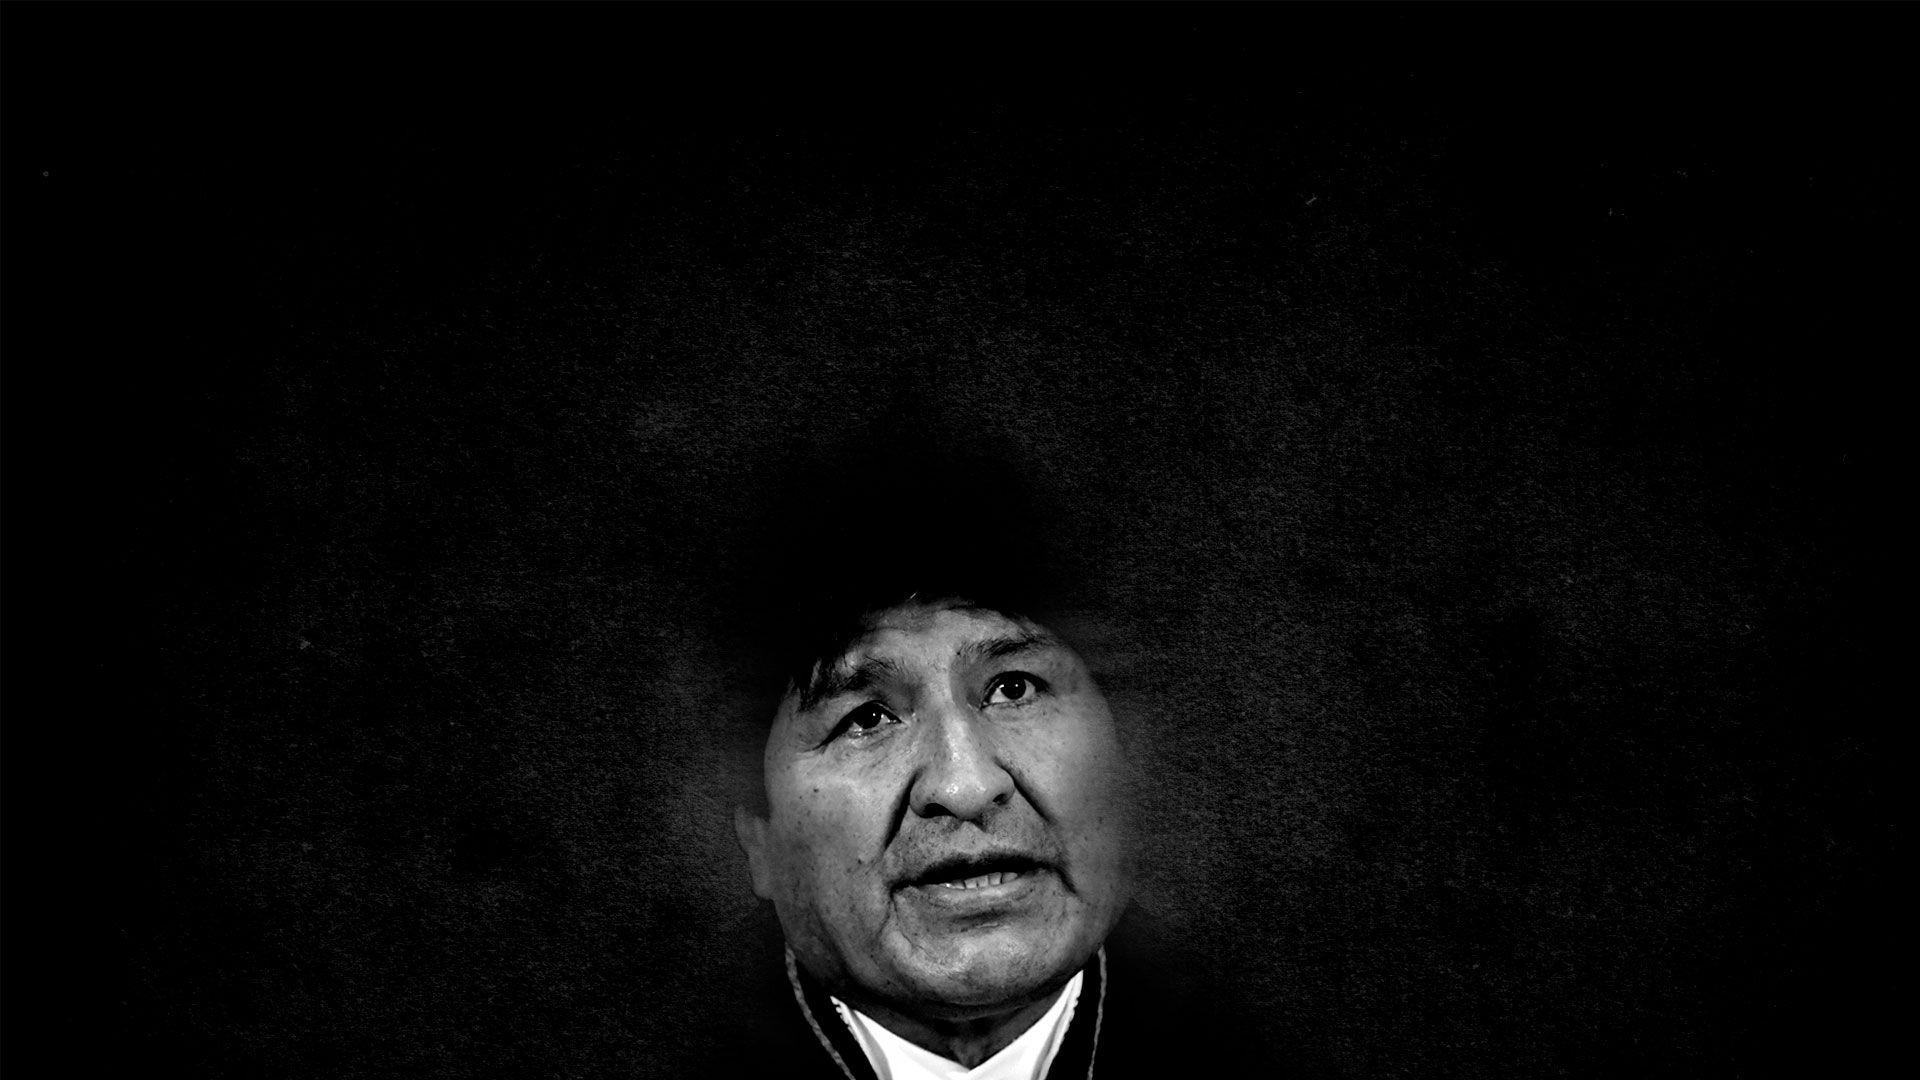 Evo Morales está en su peor momento: sin legitimidad, el pueblo boliviano salió a la calle para exigirle su renuncia ante las denuncias por fraude electoral